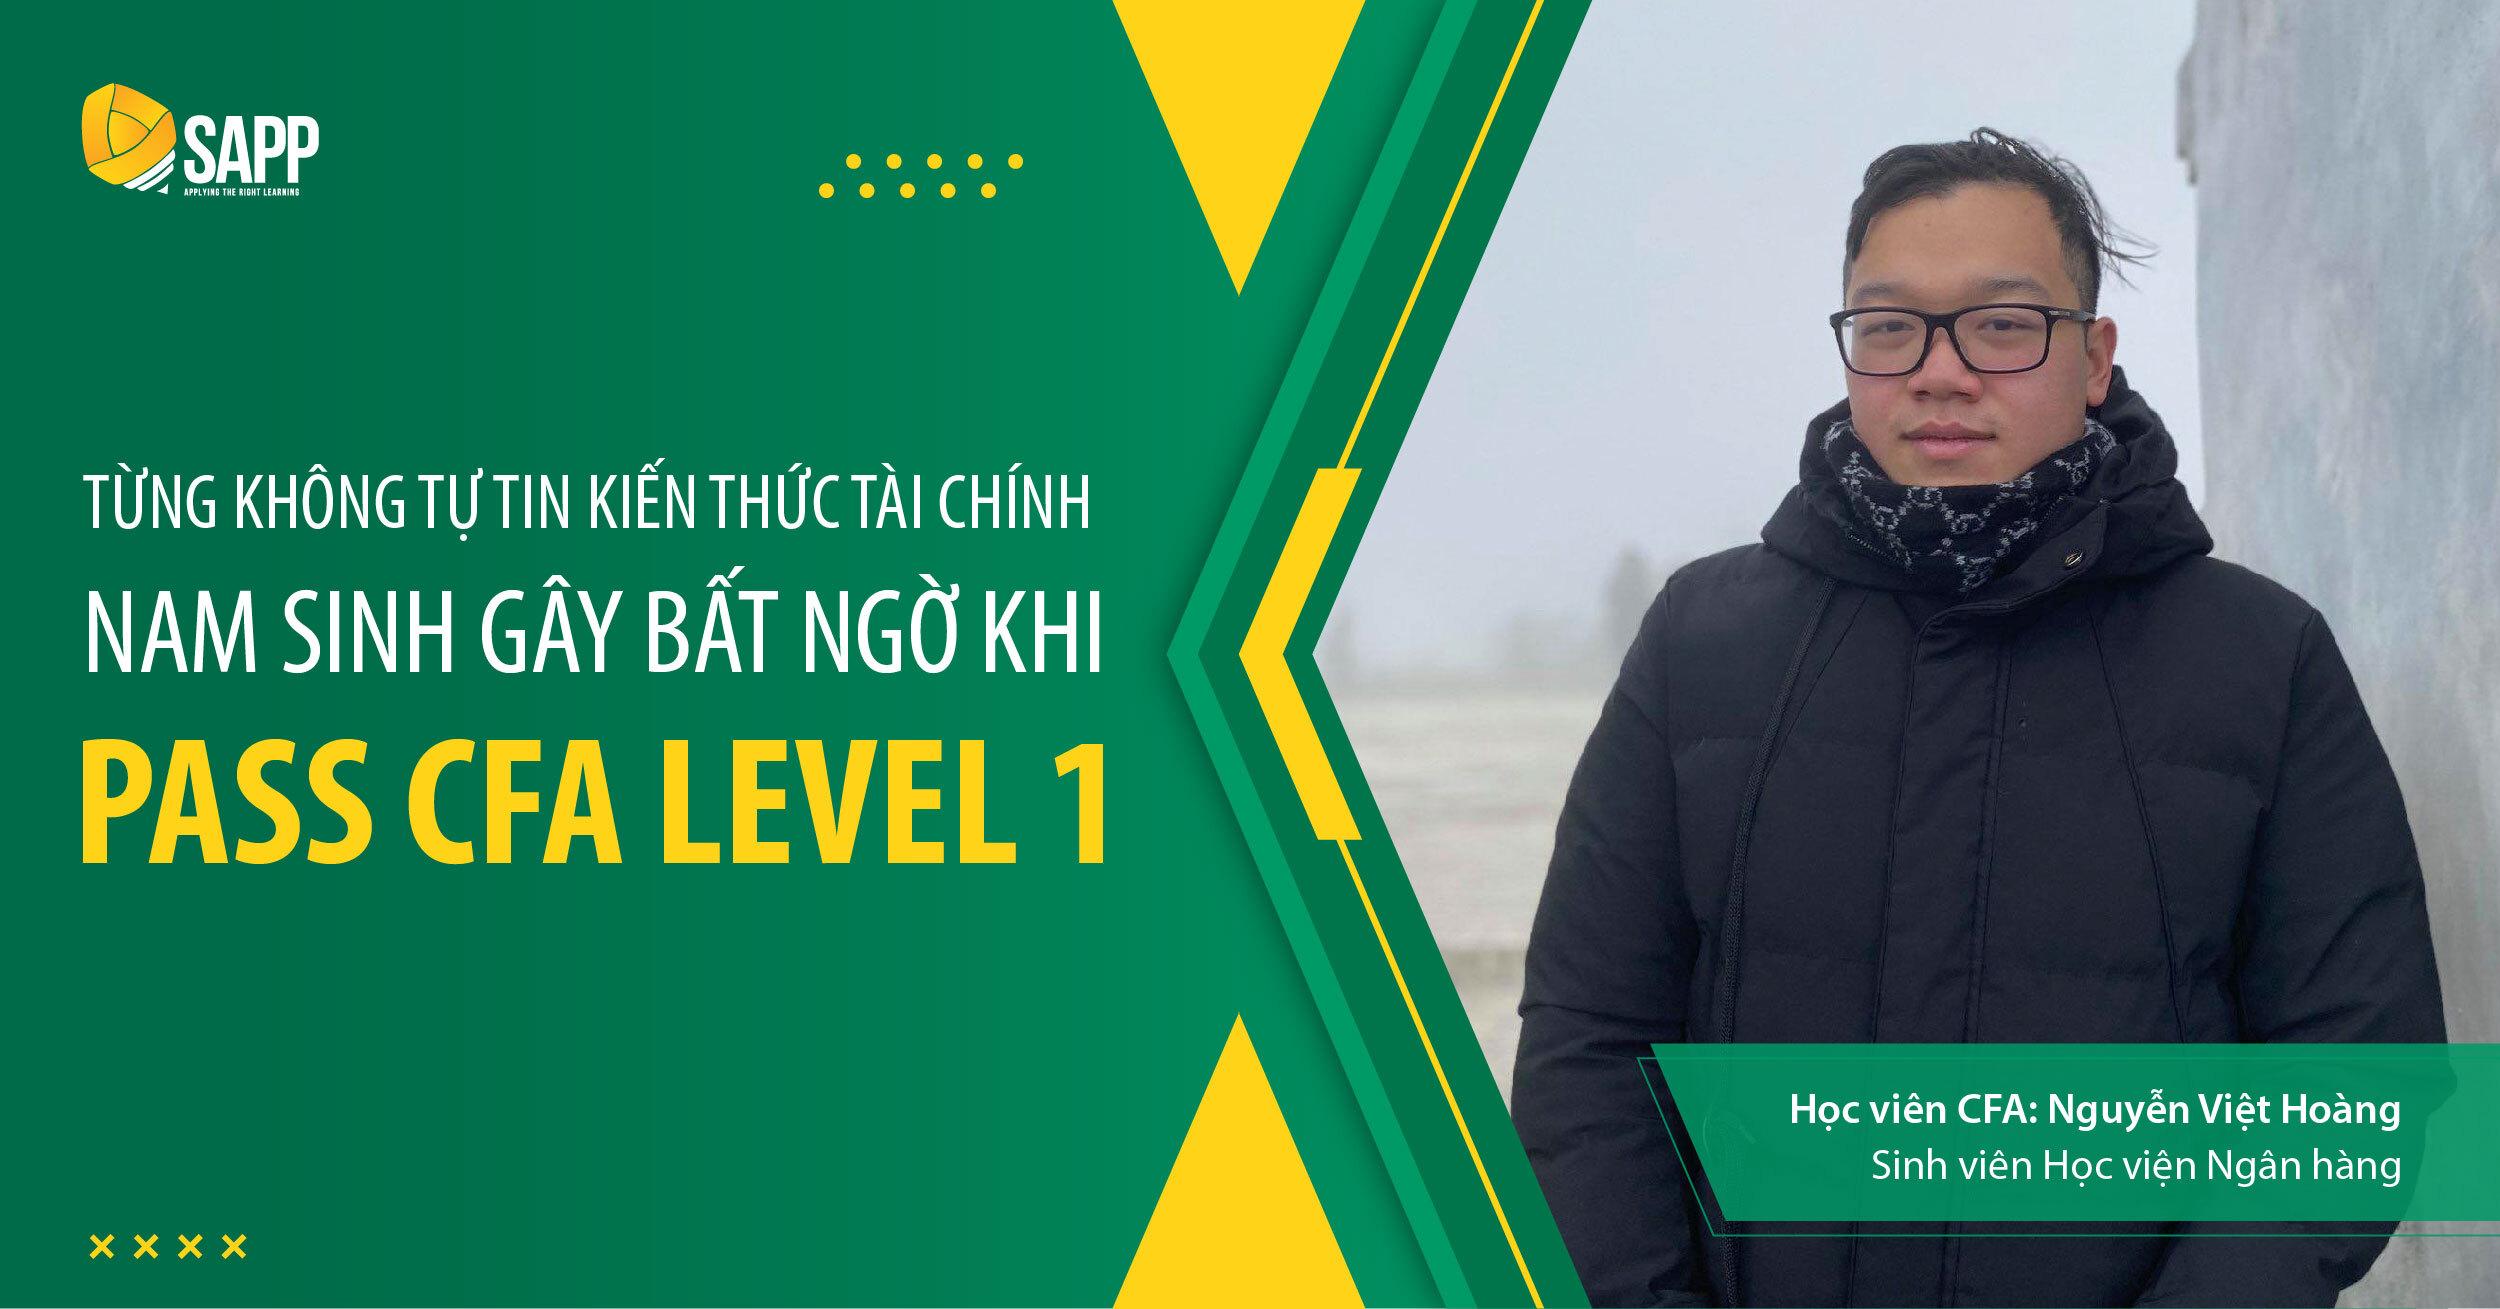 Từng Không Tự Tin Kiến Thức Tài Chính, Nam Sinh Gây Bất Ngờ Khi Pass CFA Level 1